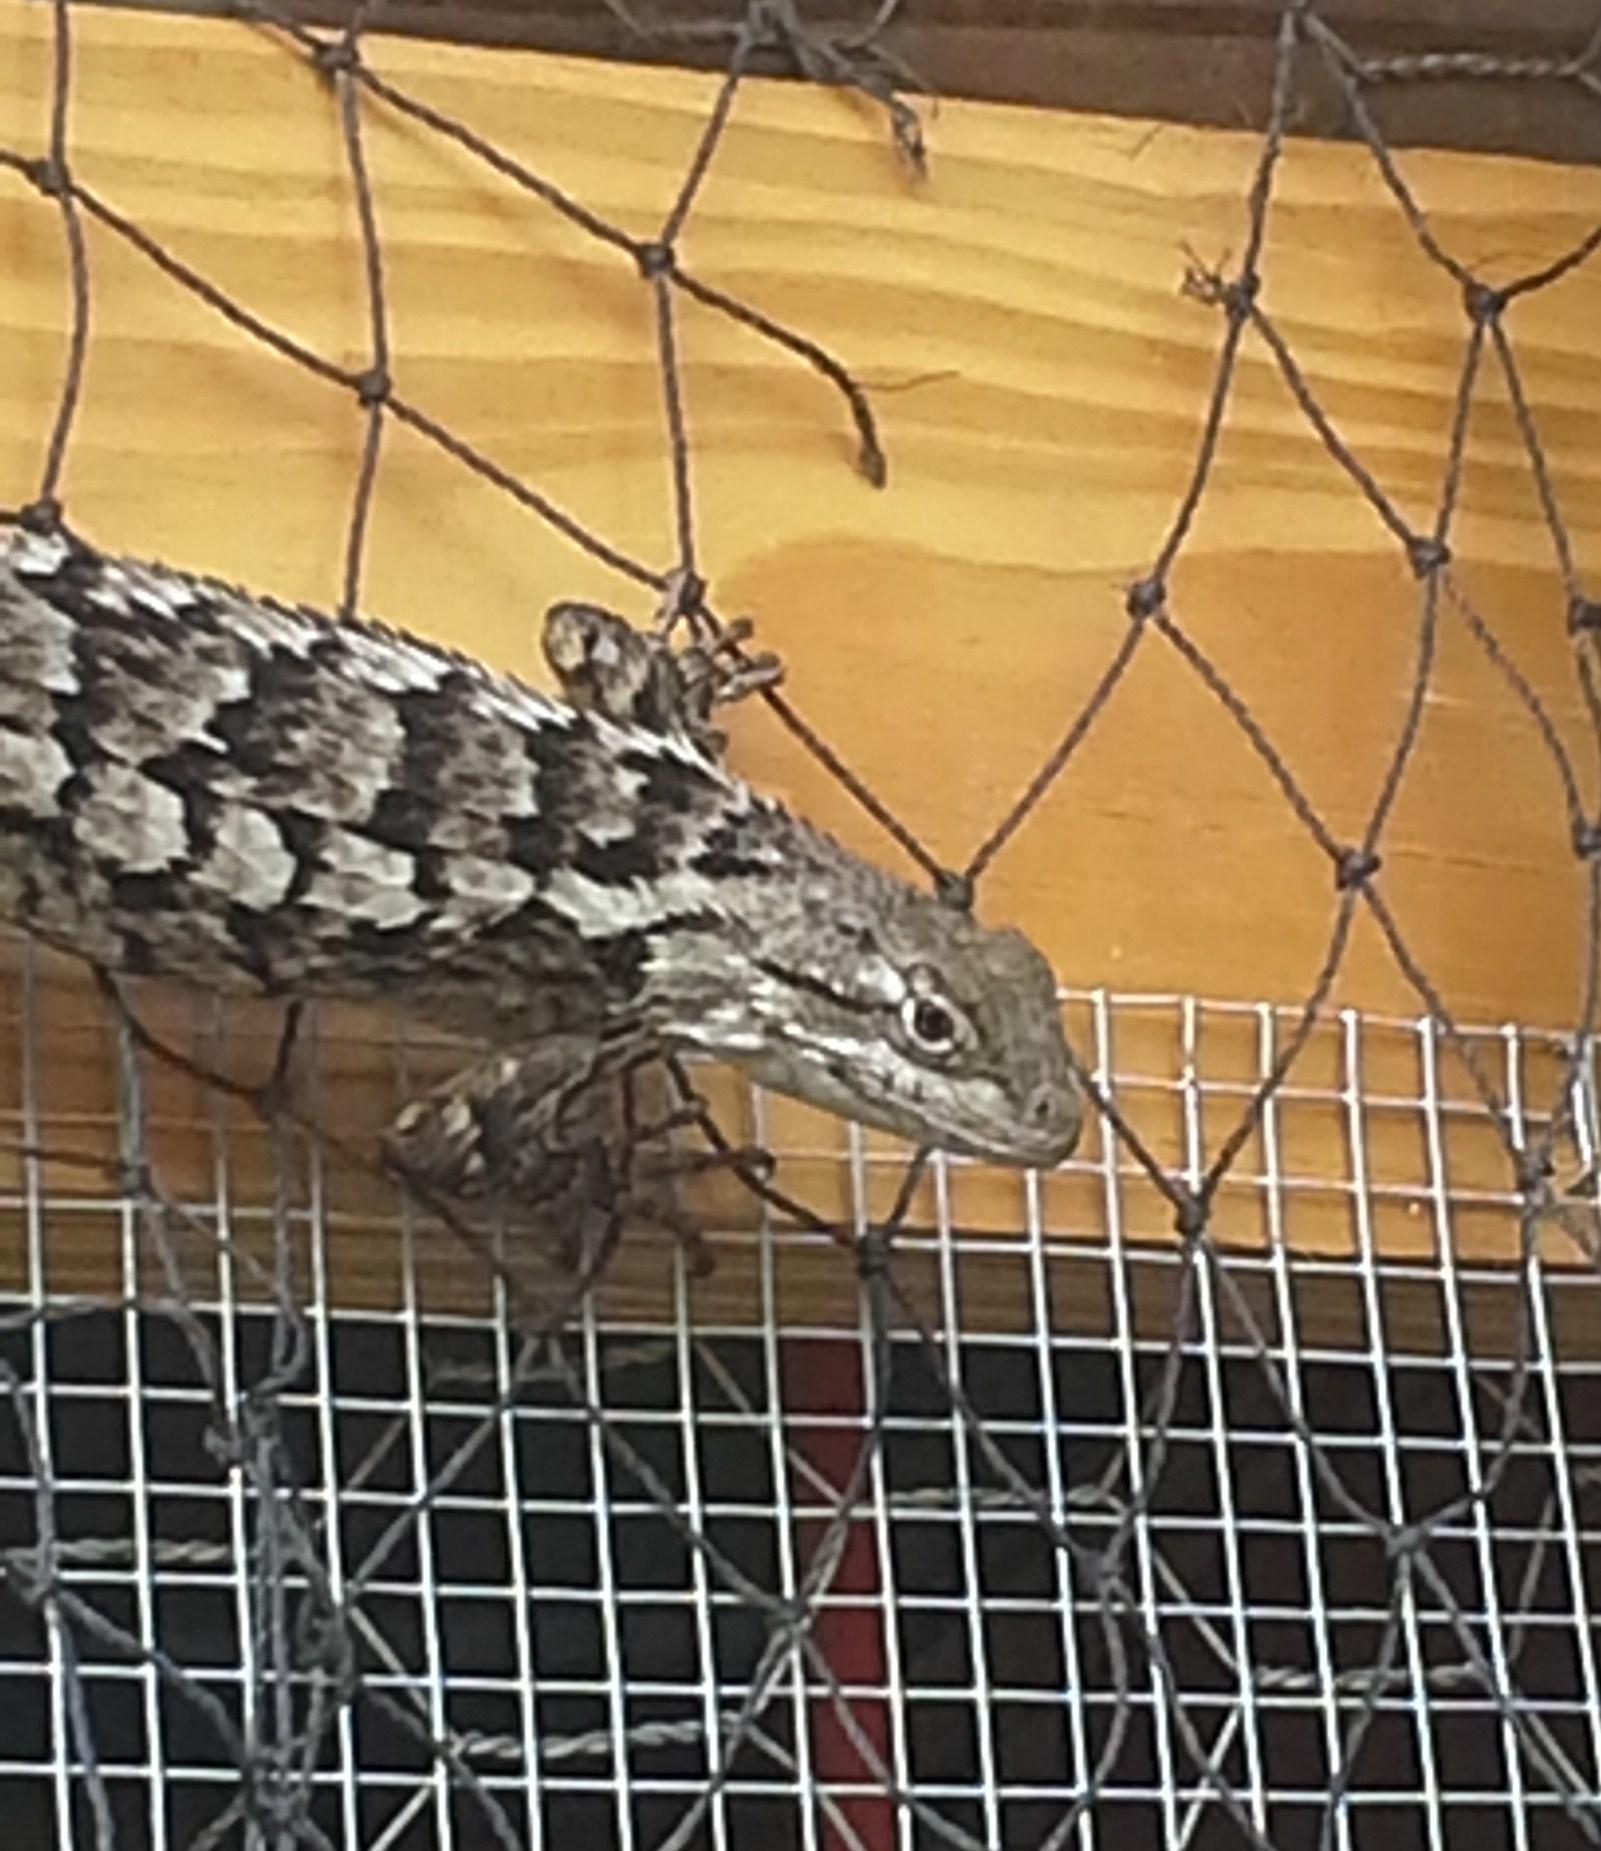 lizard at chickencoop.jpg